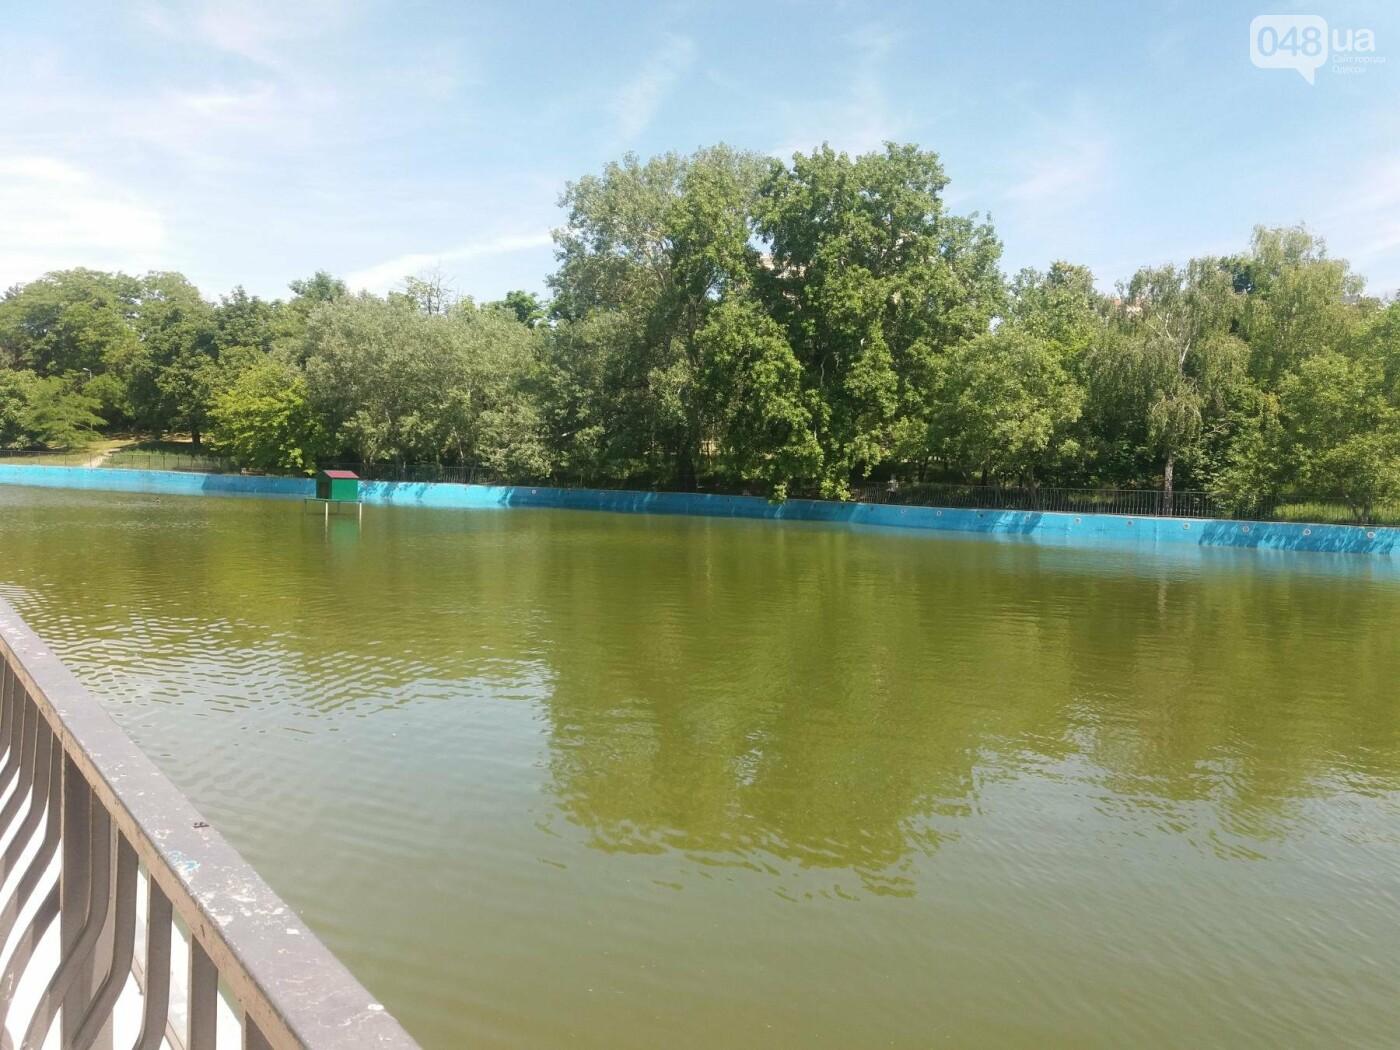 В Одесском парке заполняют водой очищенный пруд и устанавливают «сказочные лилии», - ФОТО, ВИДЕО , фото-6